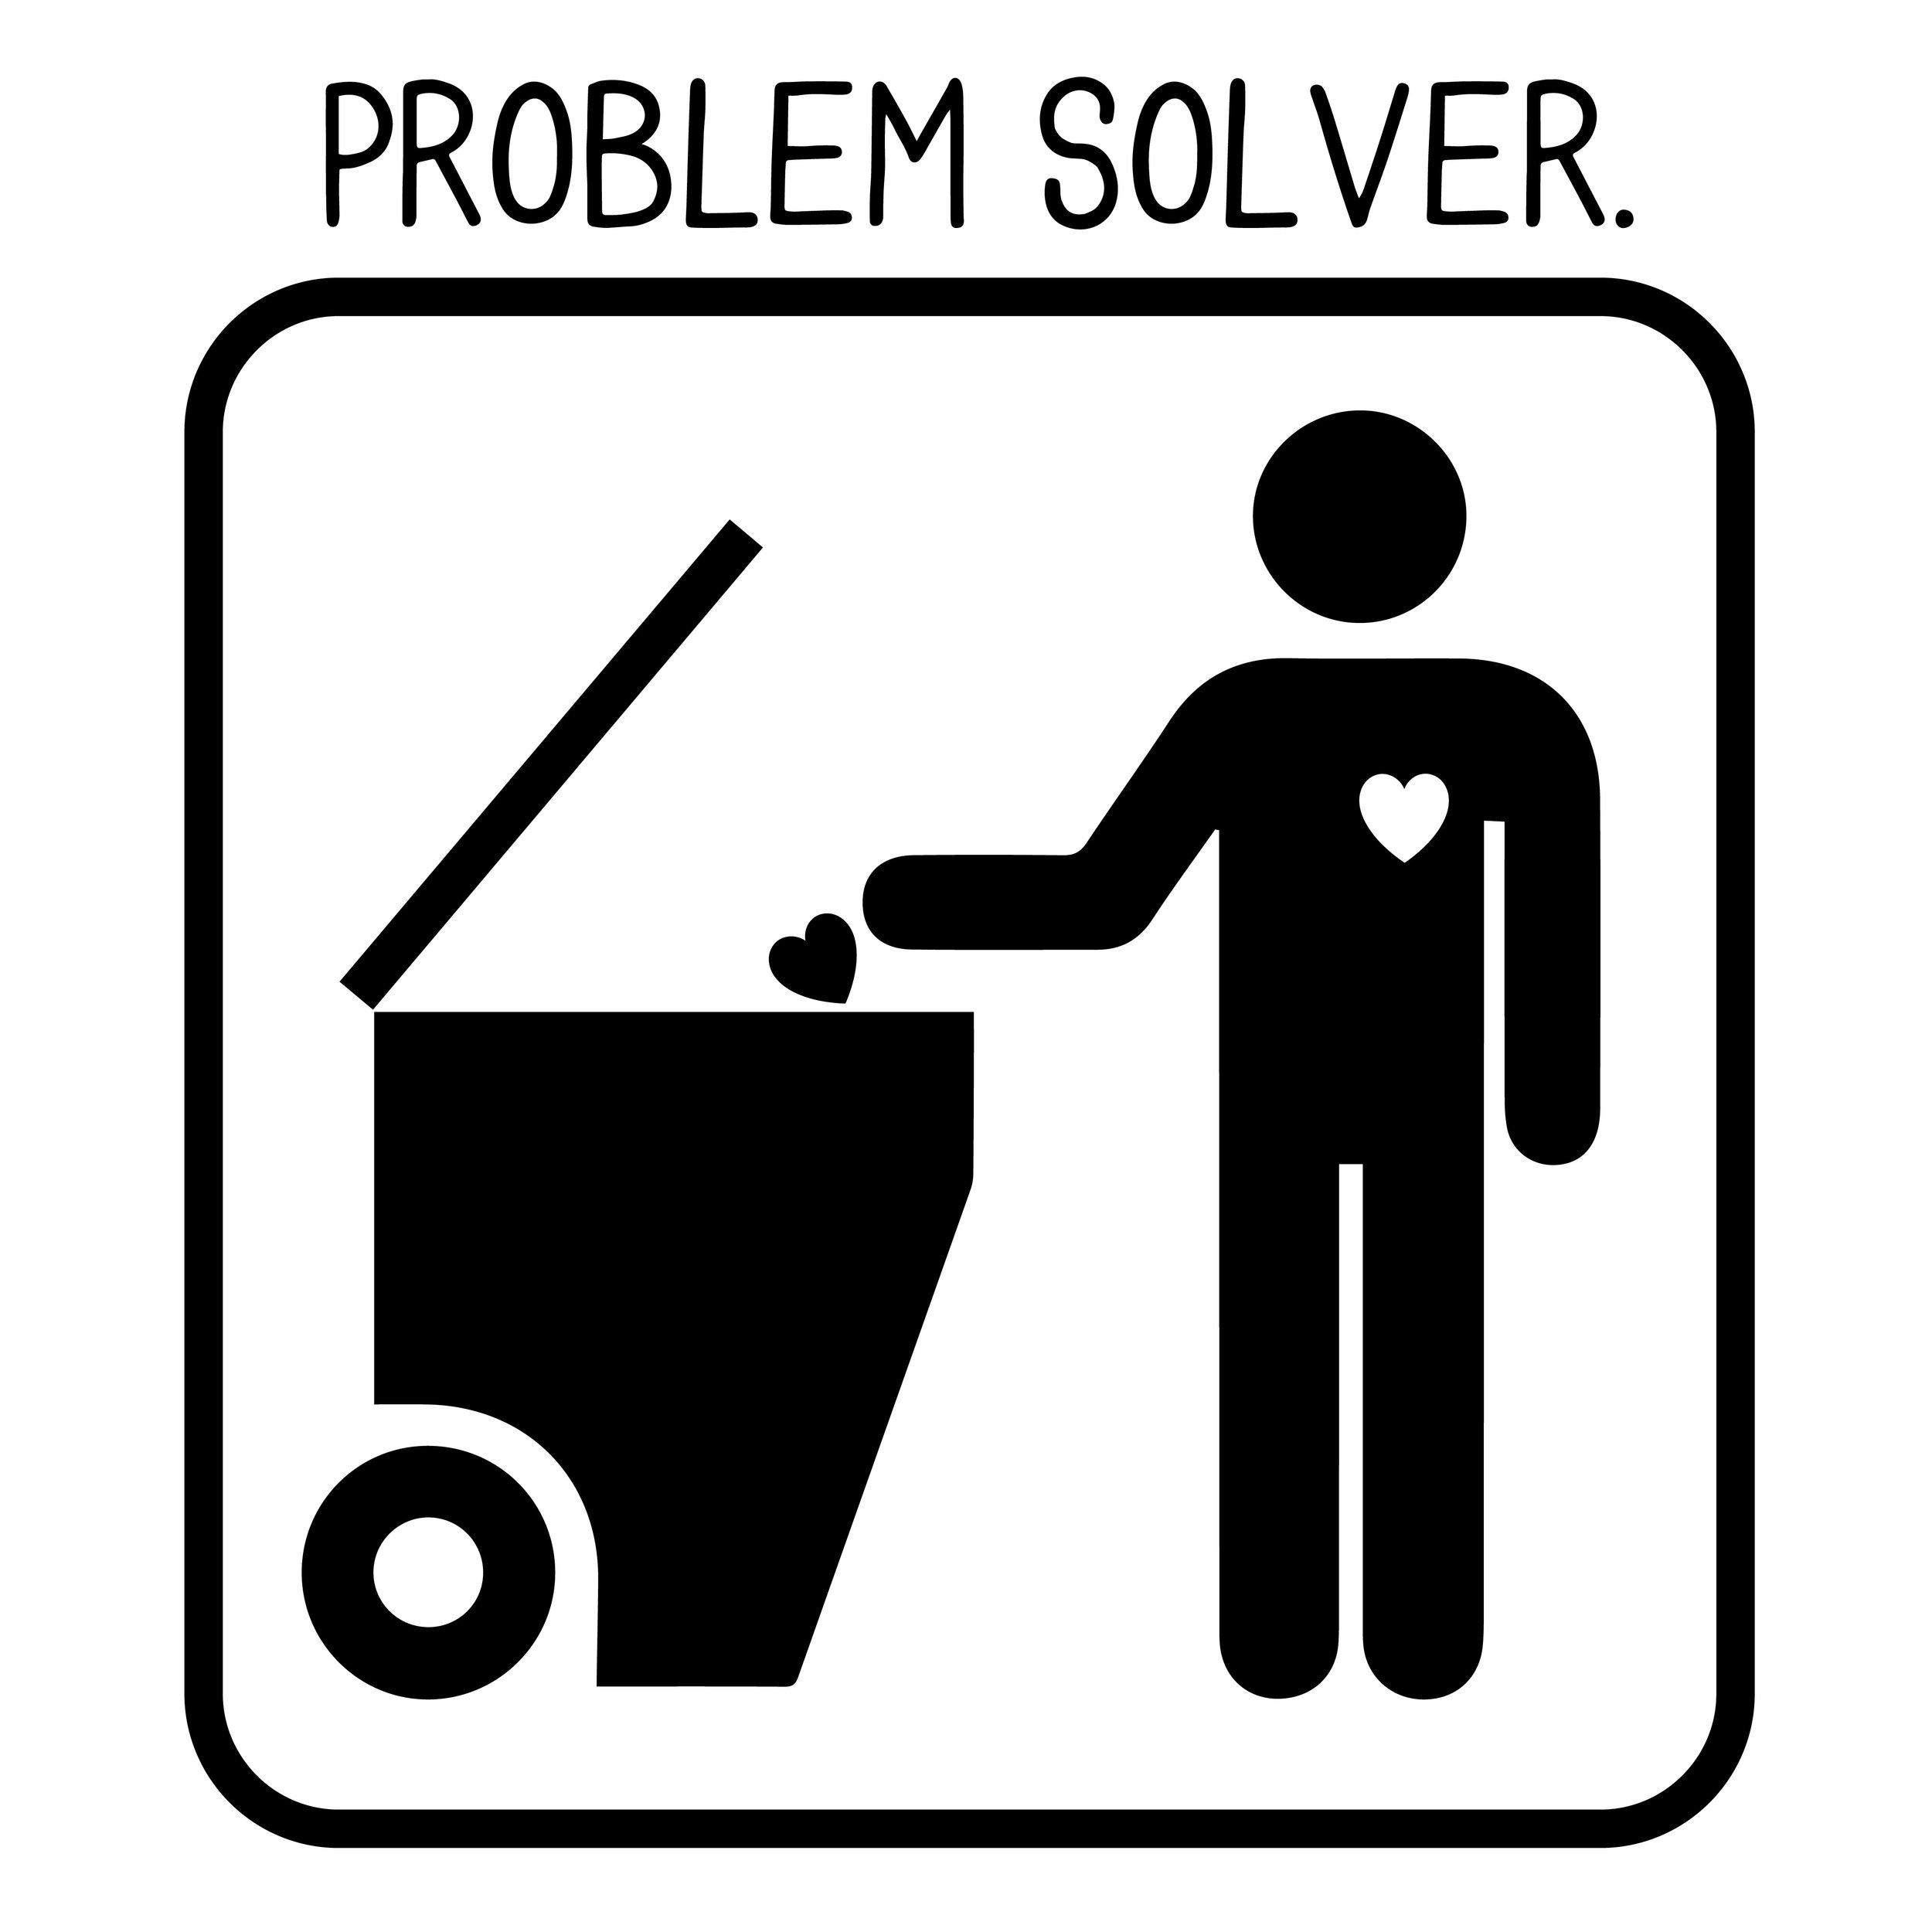 problemsolver-01.jpg